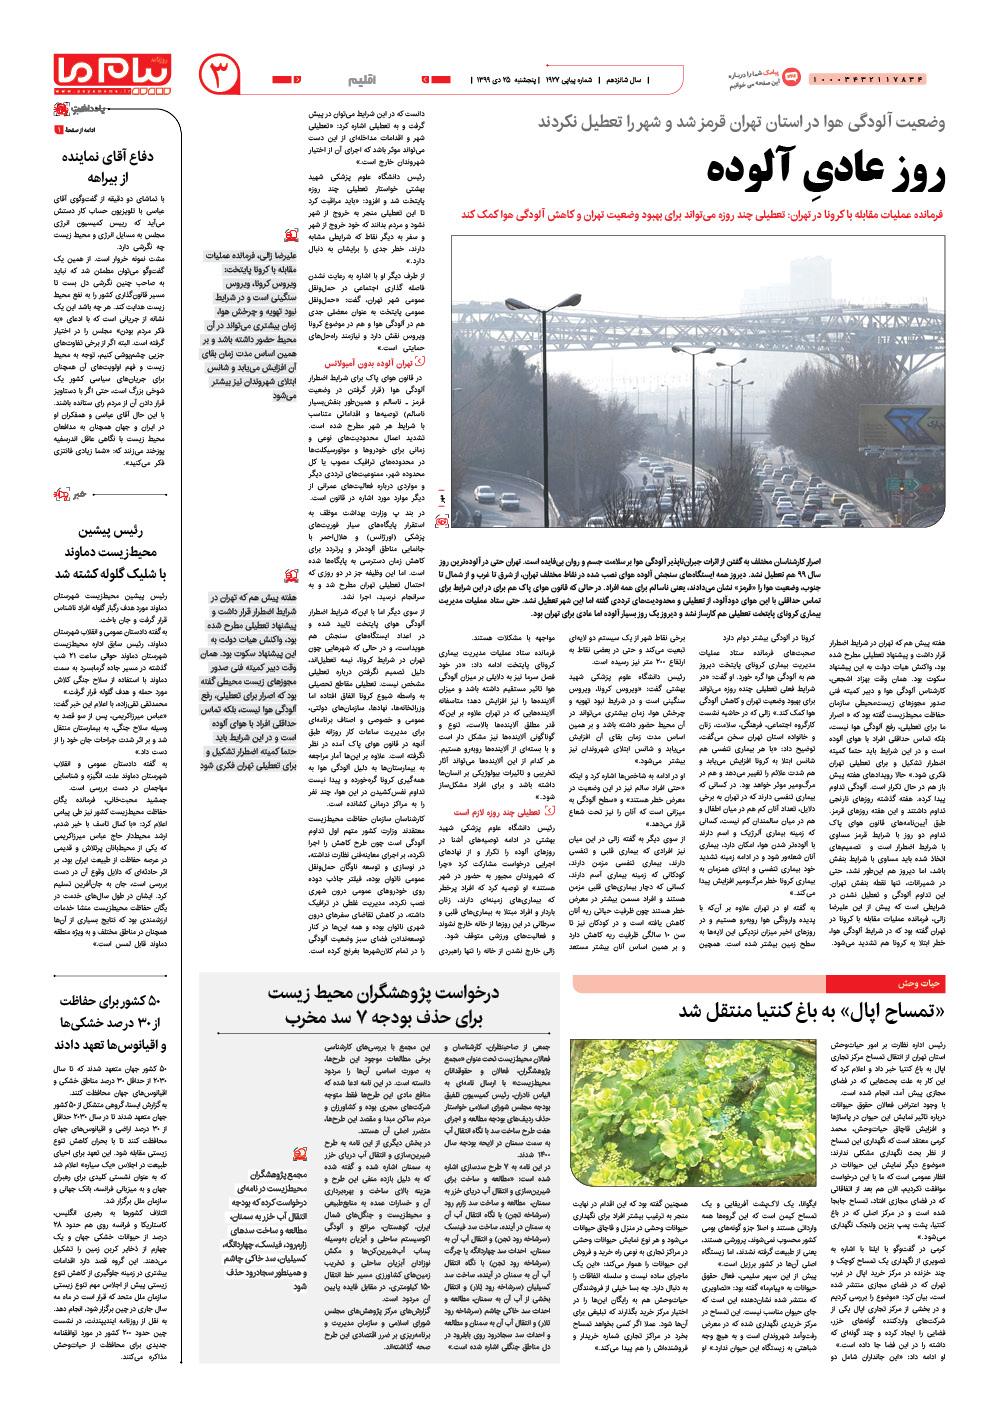 صفحه اقلیم شماره ۱۹۲۷ روزنامه پیام ما